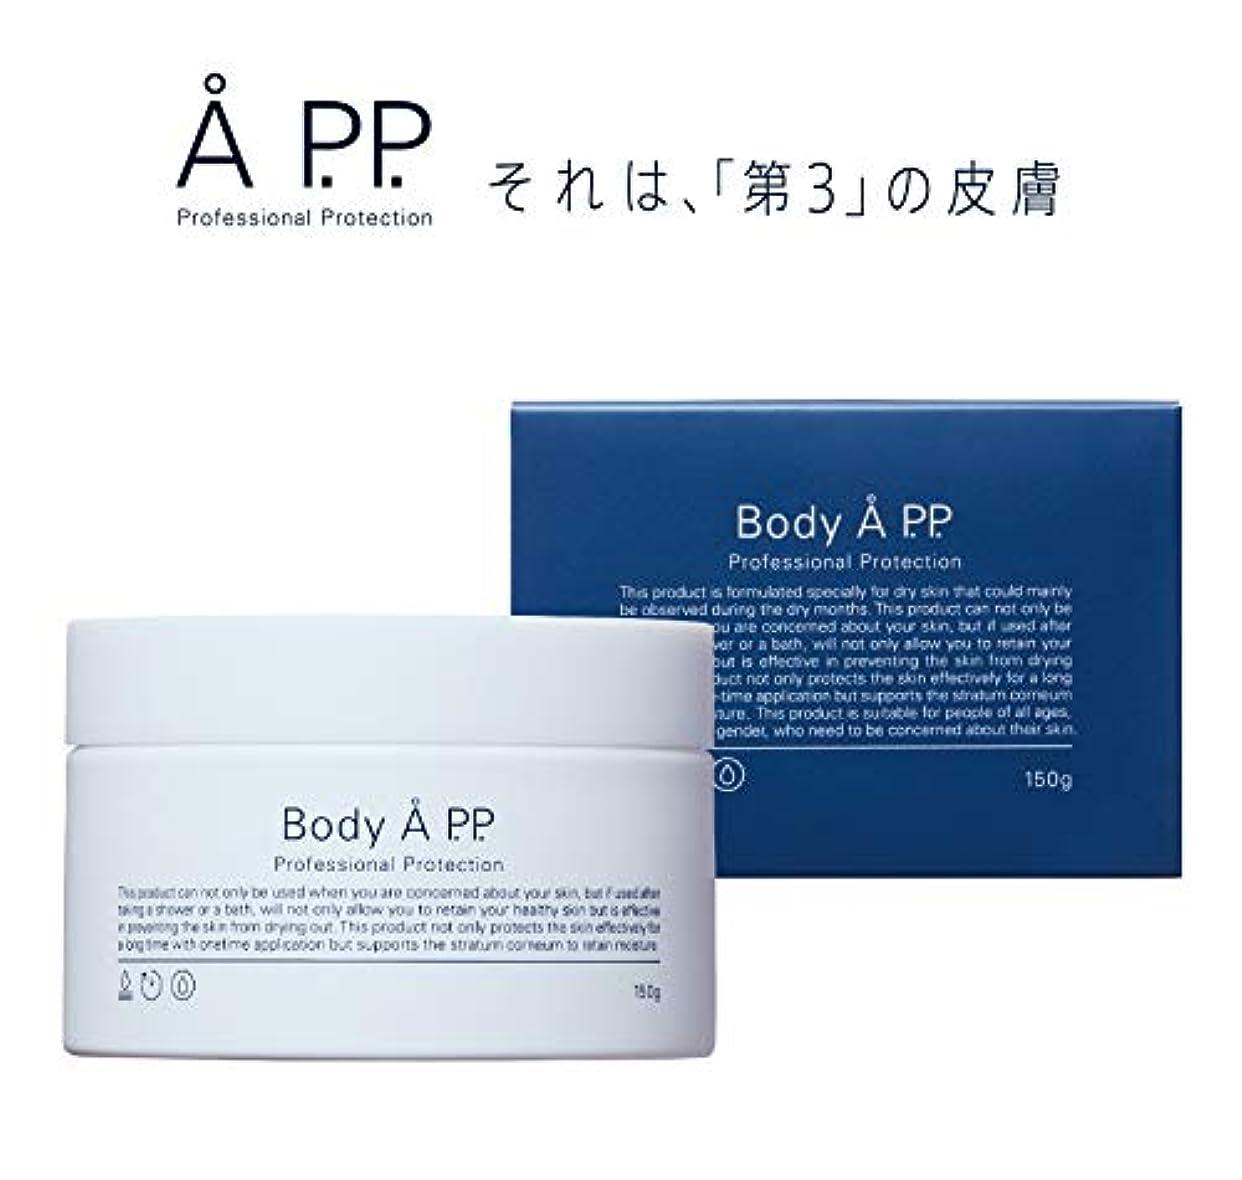 薄める価値効率的Body A P.P. プロフェッショナルプロテクション 高機能 ボディクリーム ボディークリーム 人気 ランキング 保湿 無香料 150g (1個)